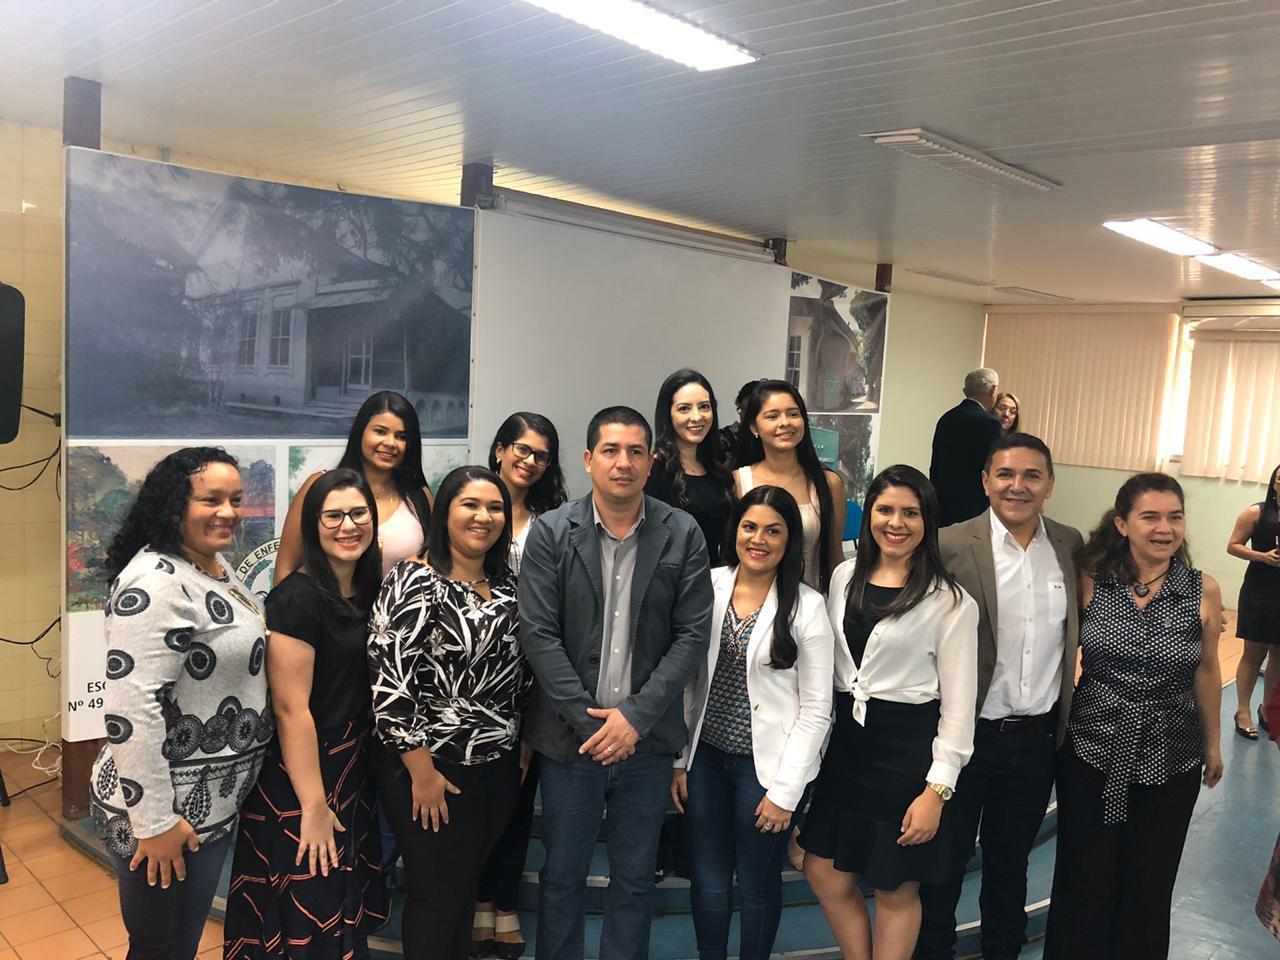 Programa de Pós-graduação Enfermagem no Contexto Amazônico - Mestrado Profissional completa 1 ano